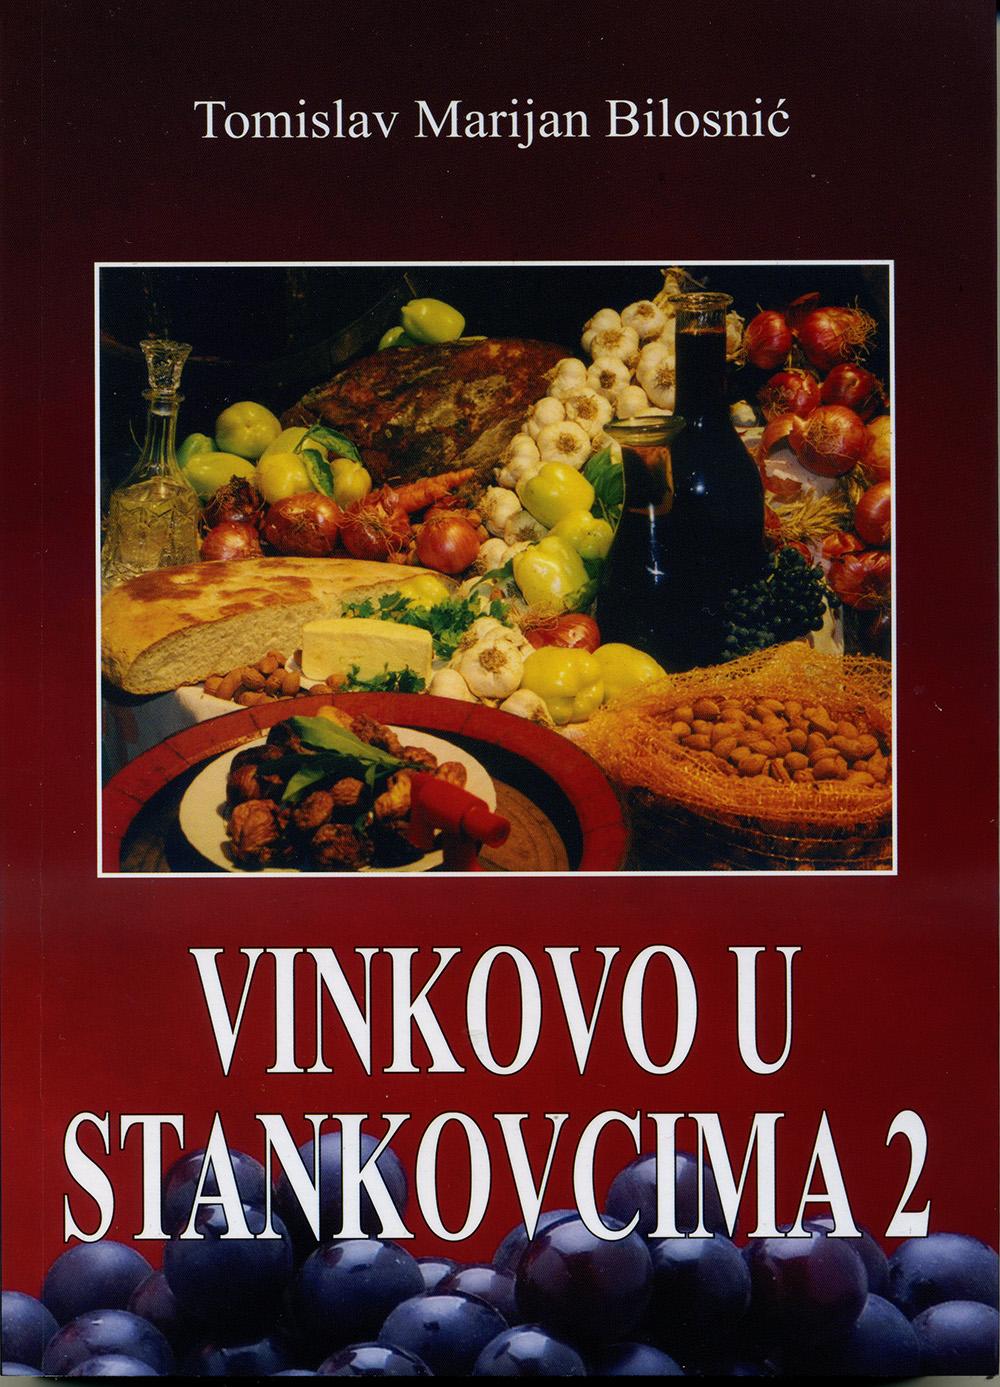 Pred 20. obljetnicu degustacija sjevernodalmatinskih vina u Stankovcima iz tiska izišla knjiga Tomislava Marijana Bilosnića